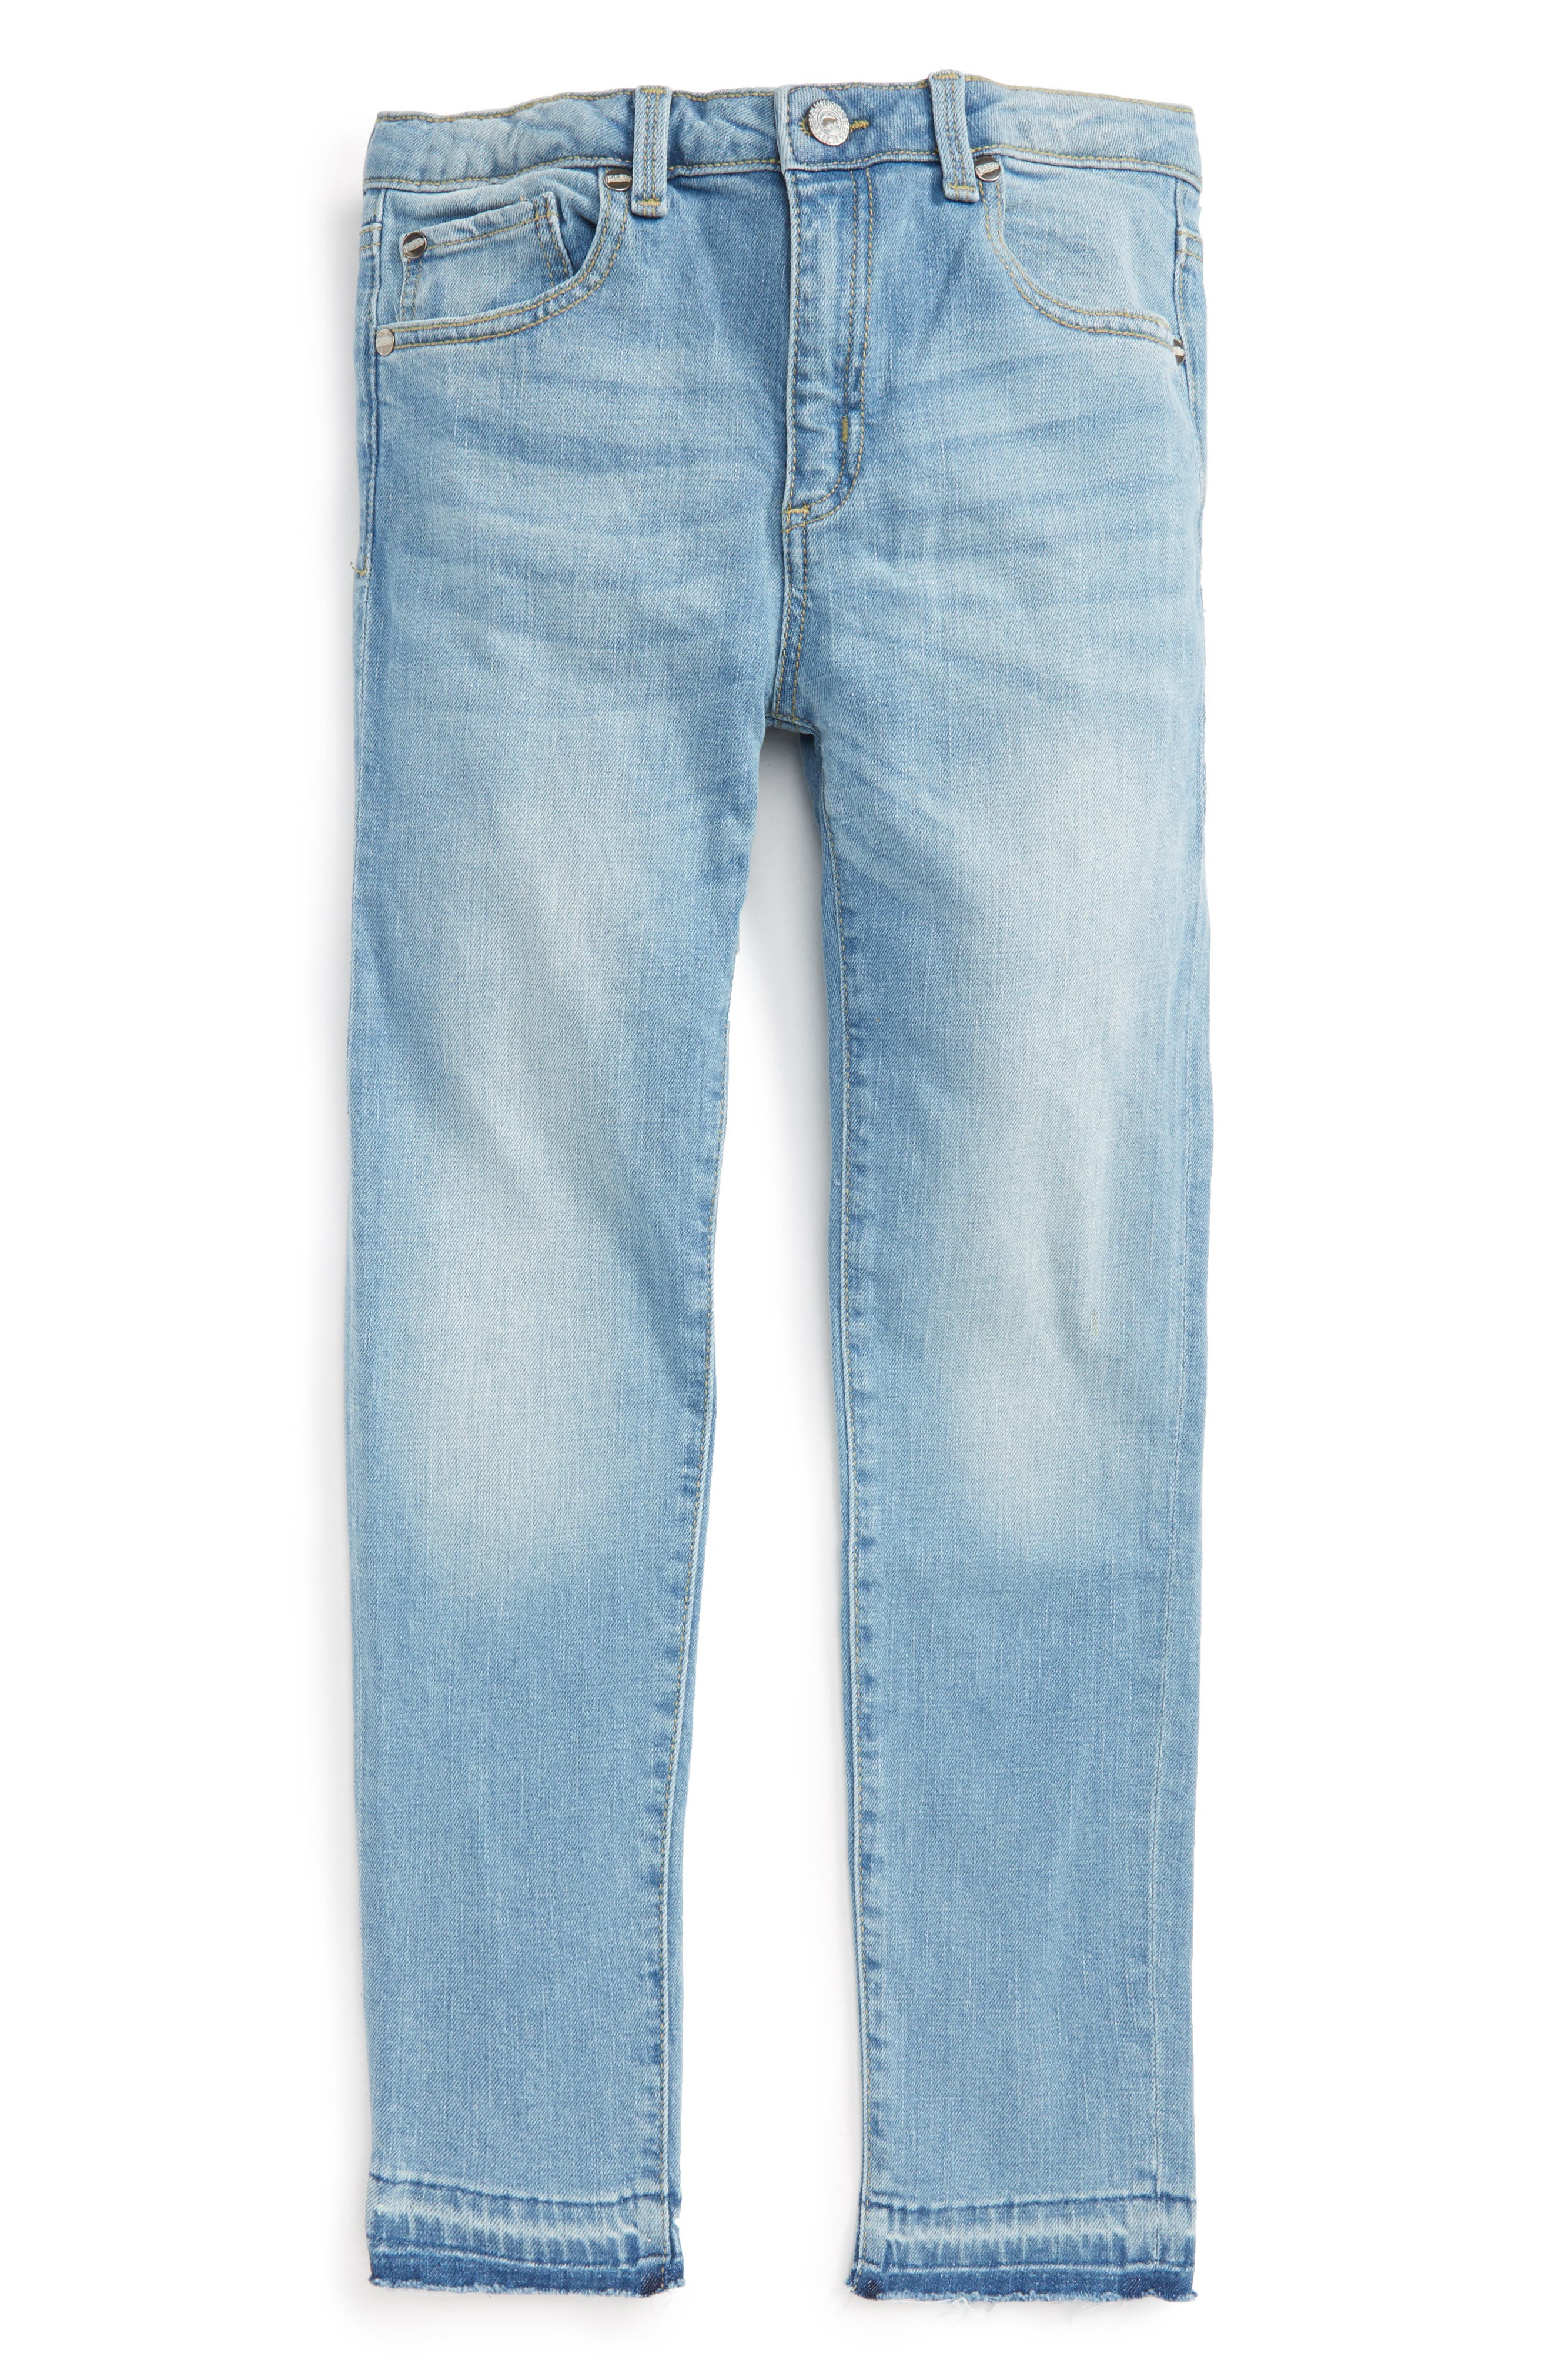 Alternate Image 1 Selected - Peek Celeste Skinny Jeans (Toddler Girls, Little Girls & Big Girls)